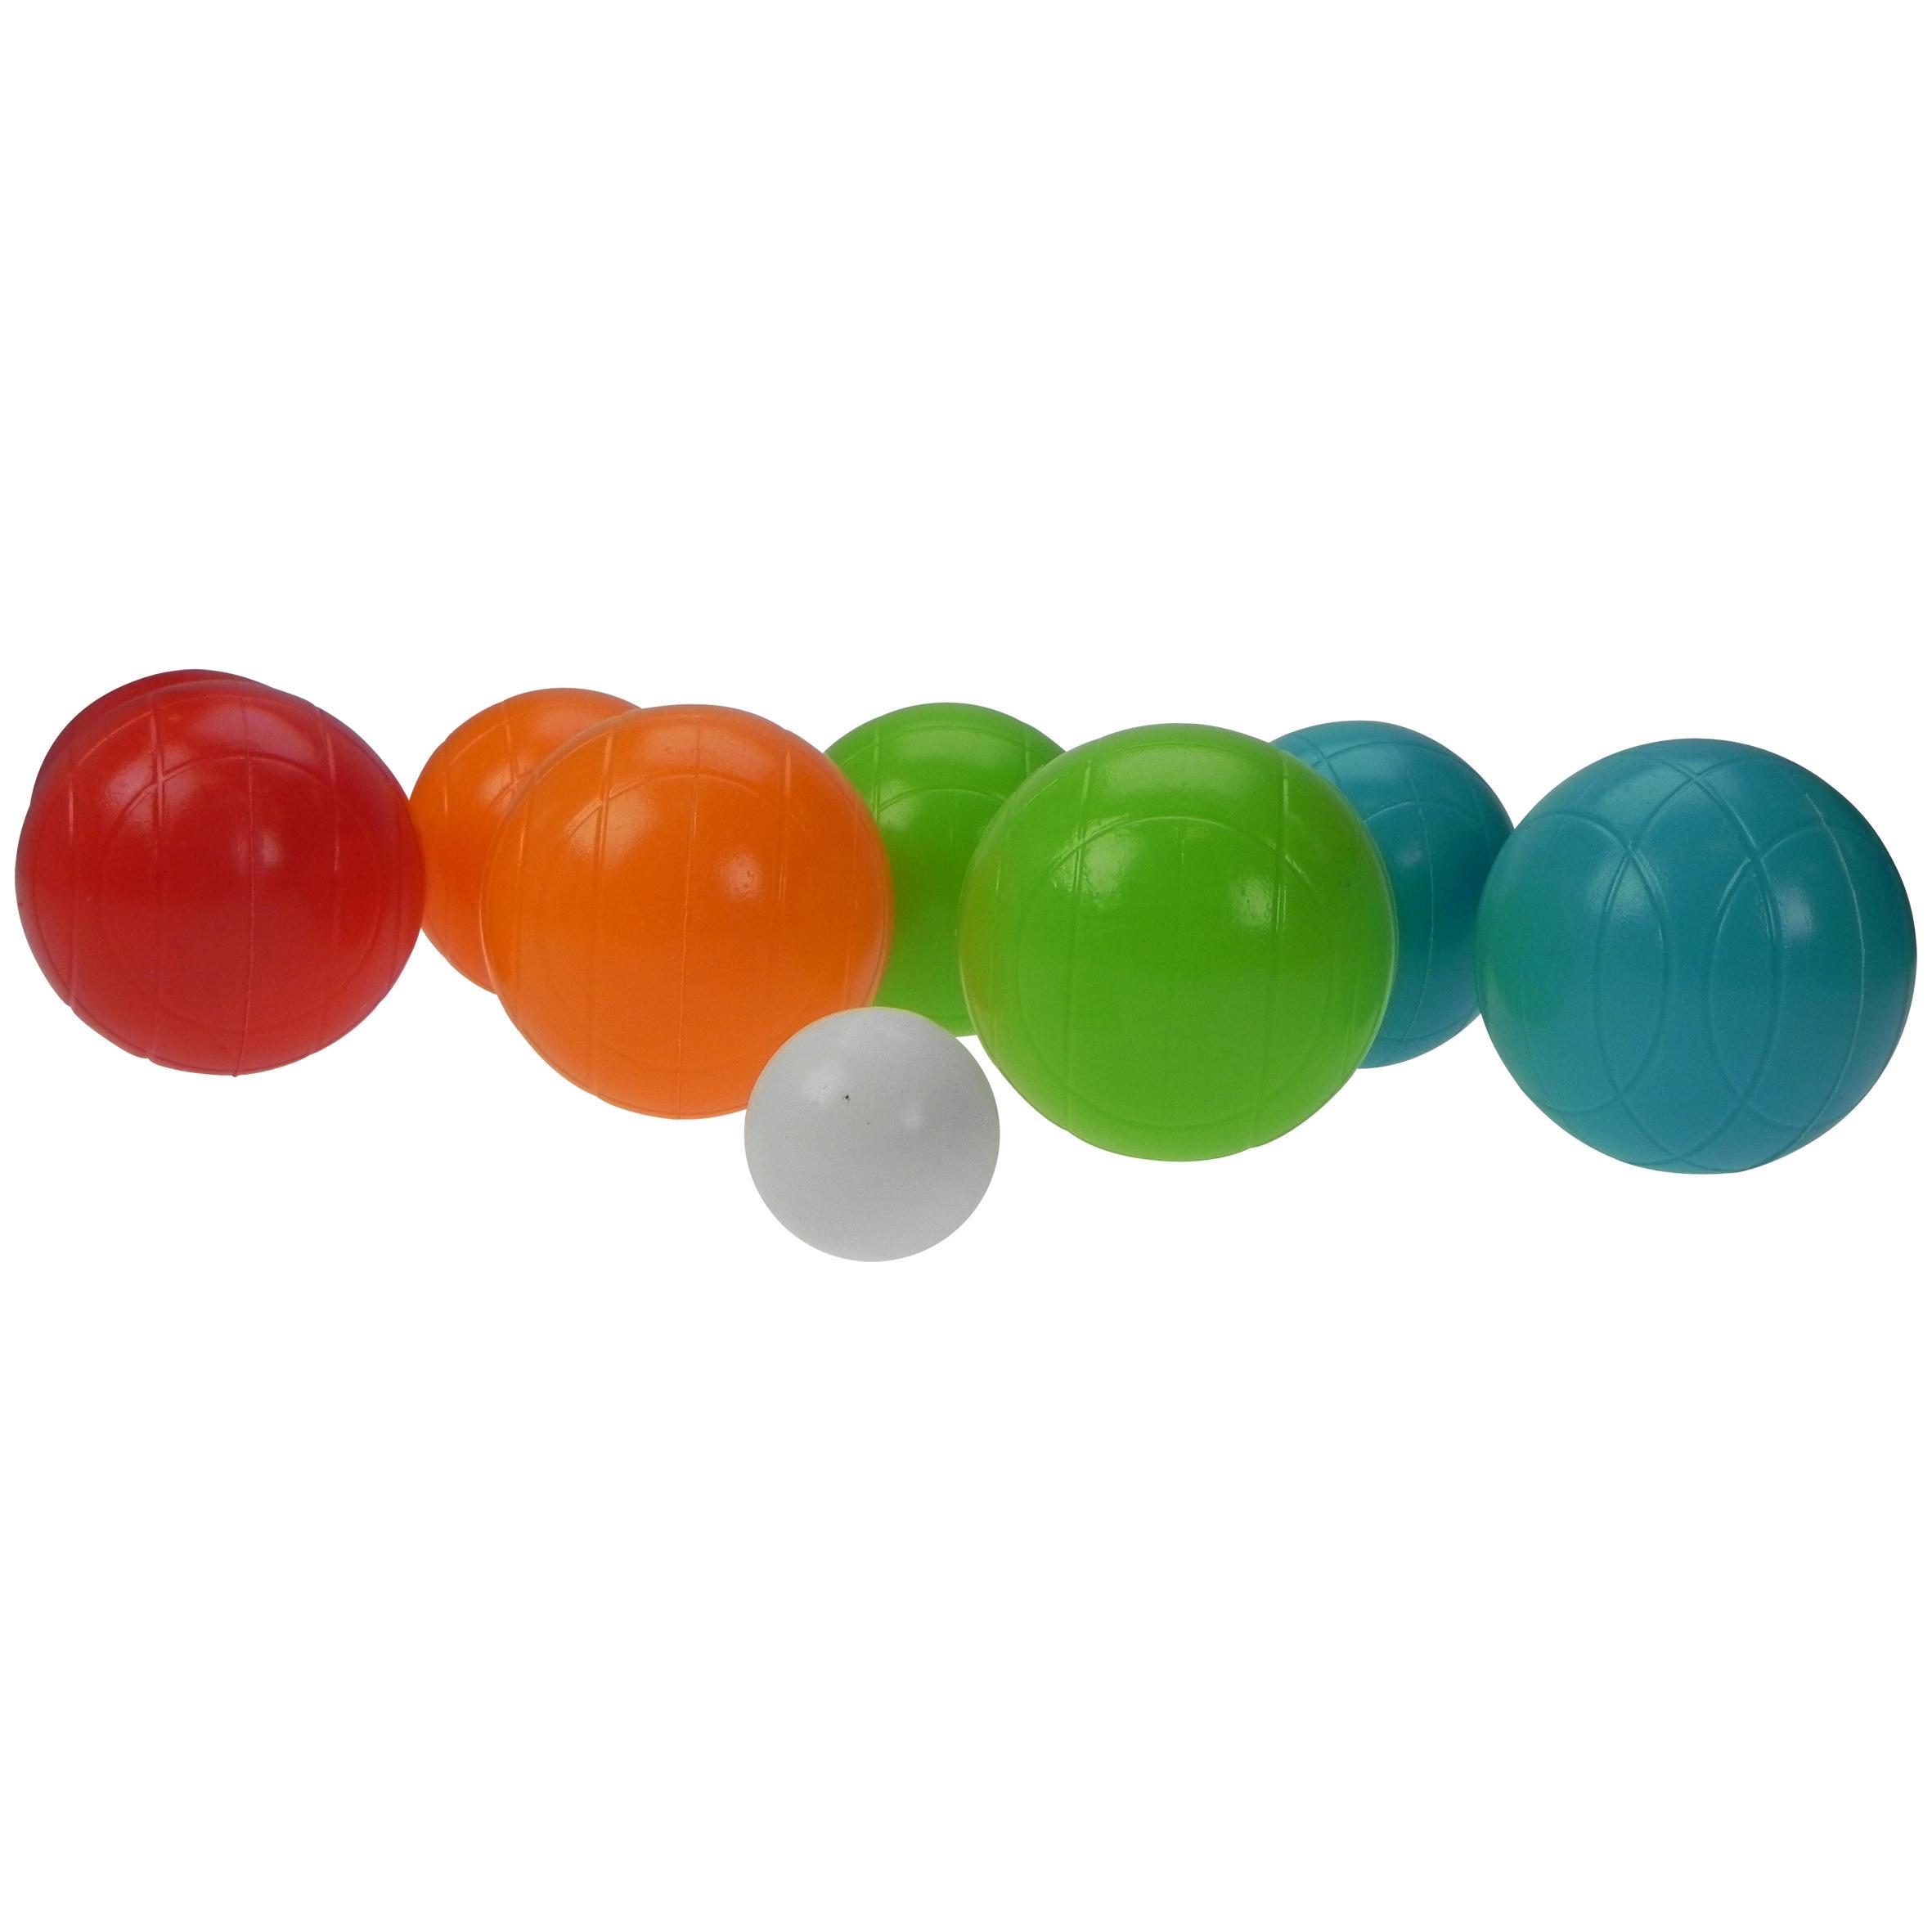 Petanque 8 Plastic Boules